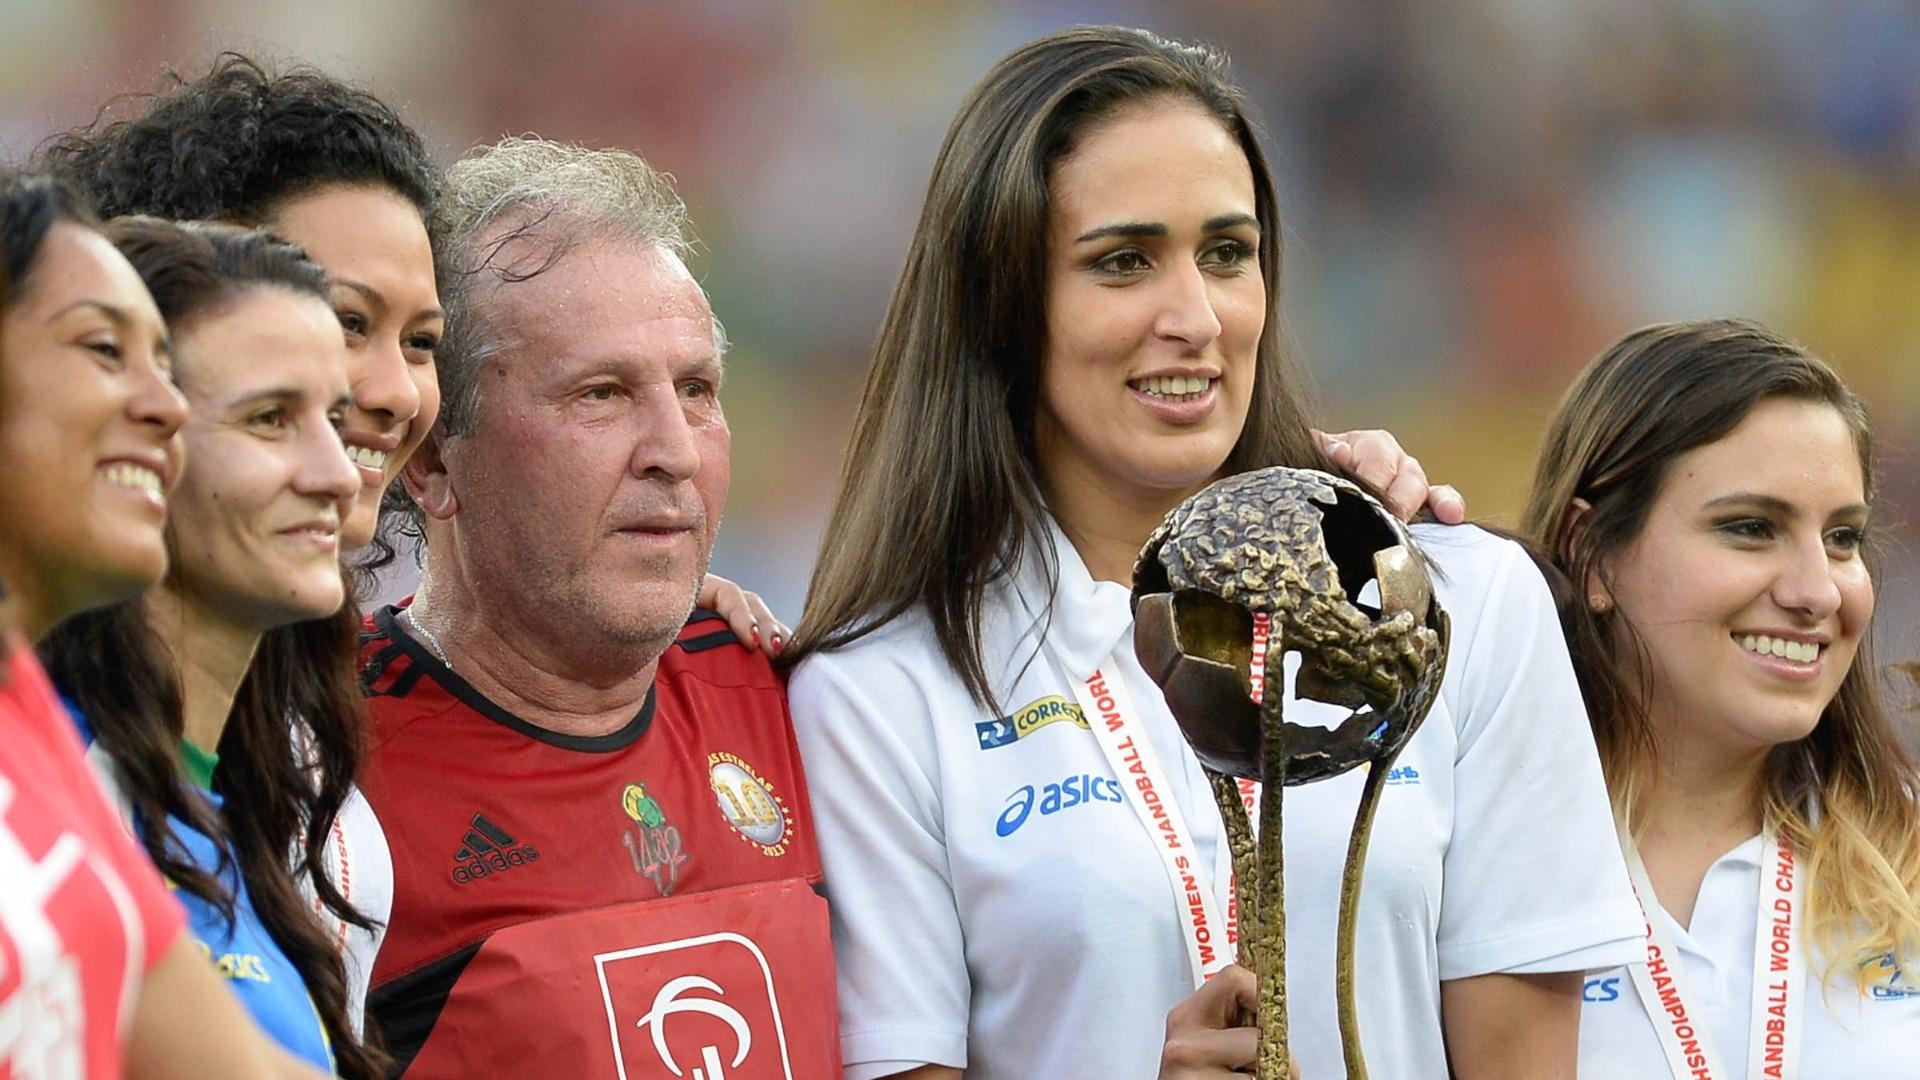 28.dez.2013 - Zico recebe as atletas campeãs mundiais de handebol no Jogo das Estrelas, no Maracanã